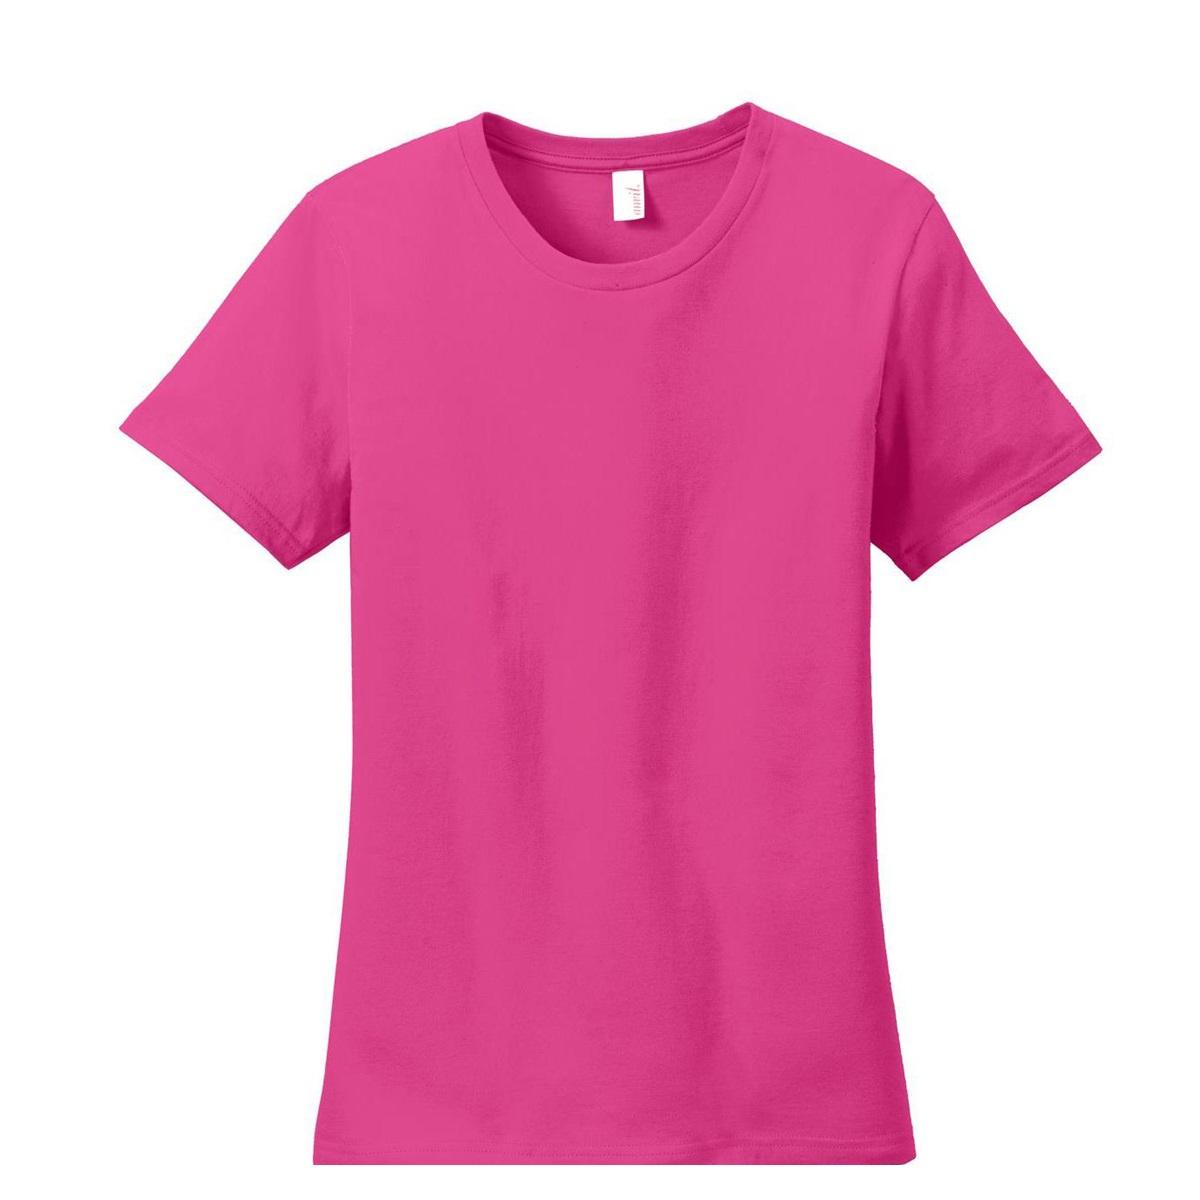 Anvil 880 ladies 100 ring spun cotton t shirt hot pink for 100 ringspun cotton t shirt wholesale